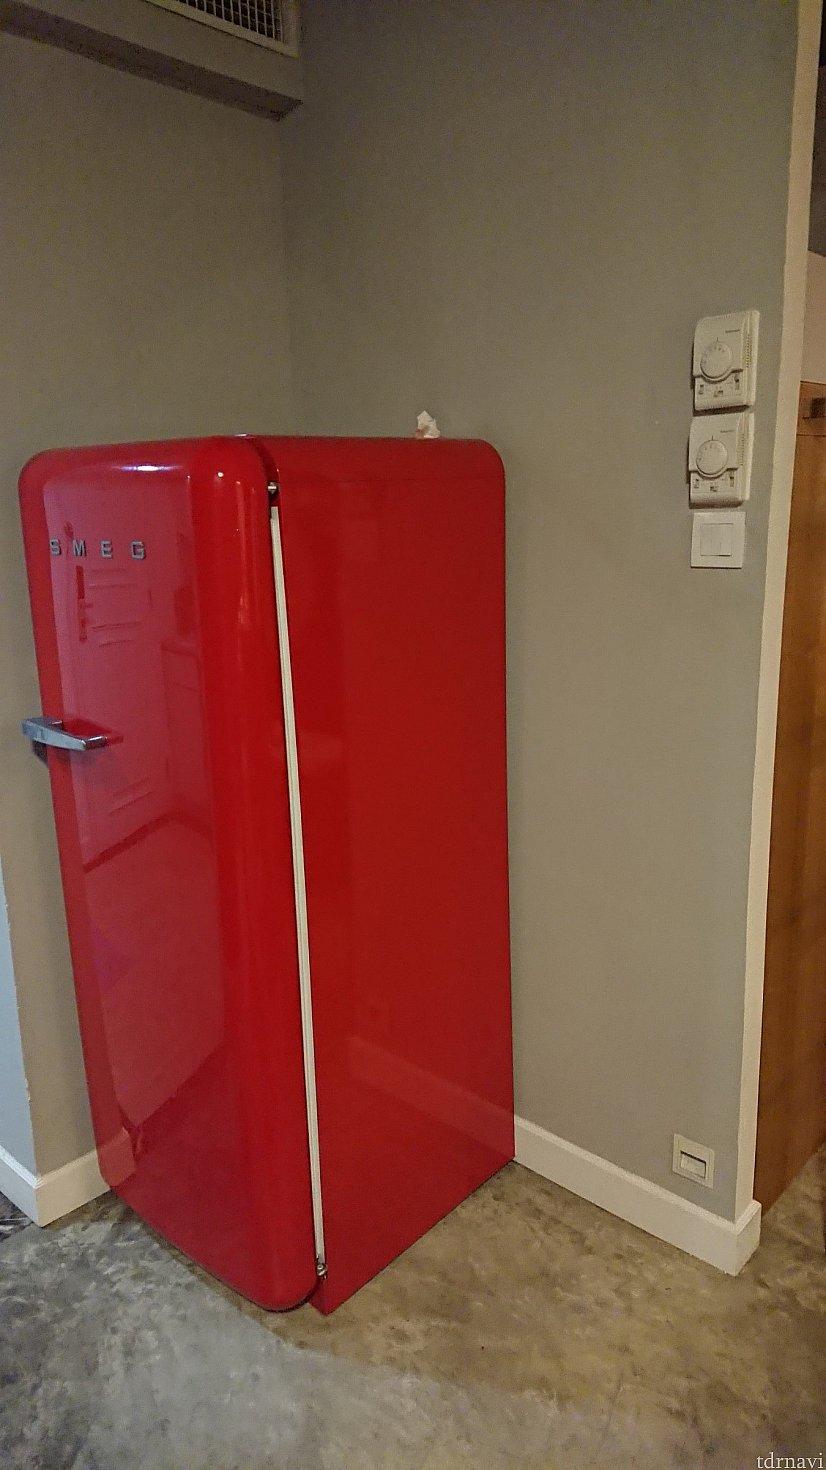 部屋にある冷蔵庫